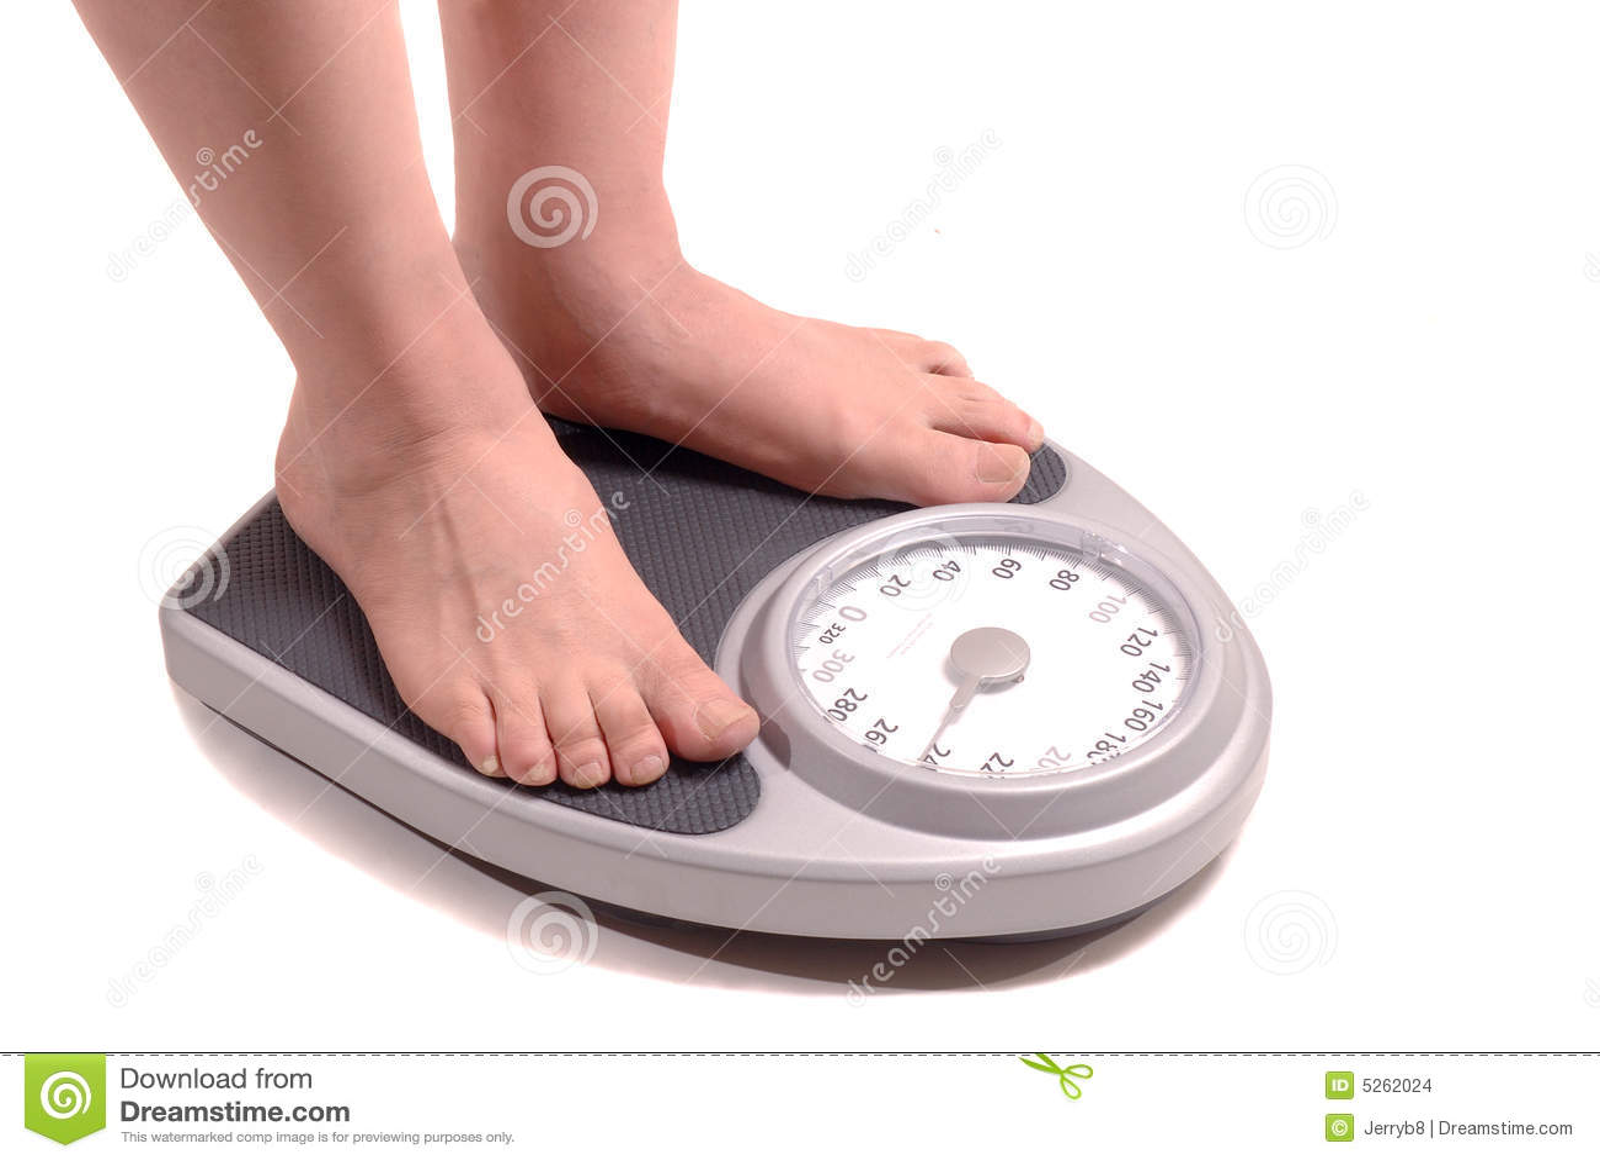 Uomo di peso eccessivo sulla scala